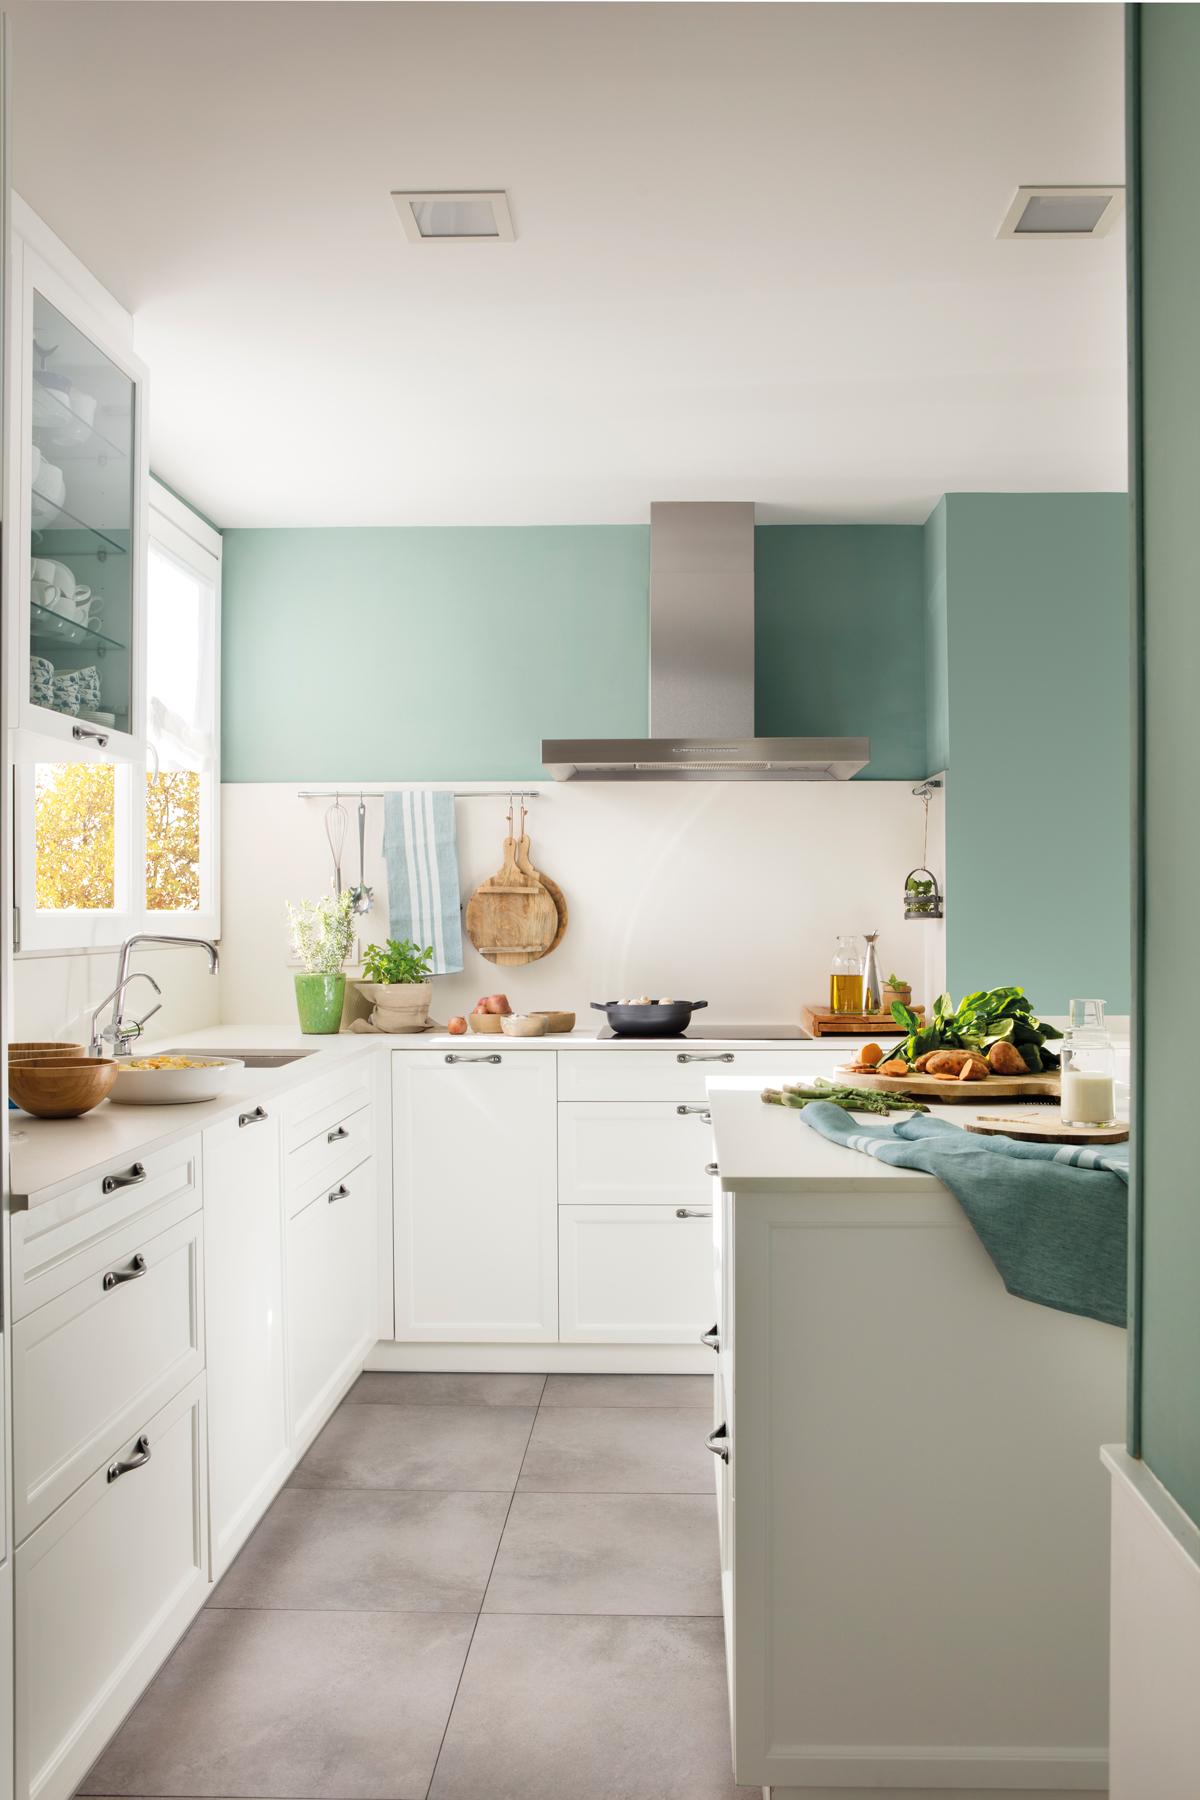 Cuanto vale una cocina completa gallery of reforma cocina for Cuanto cuesta poner una cocina completa